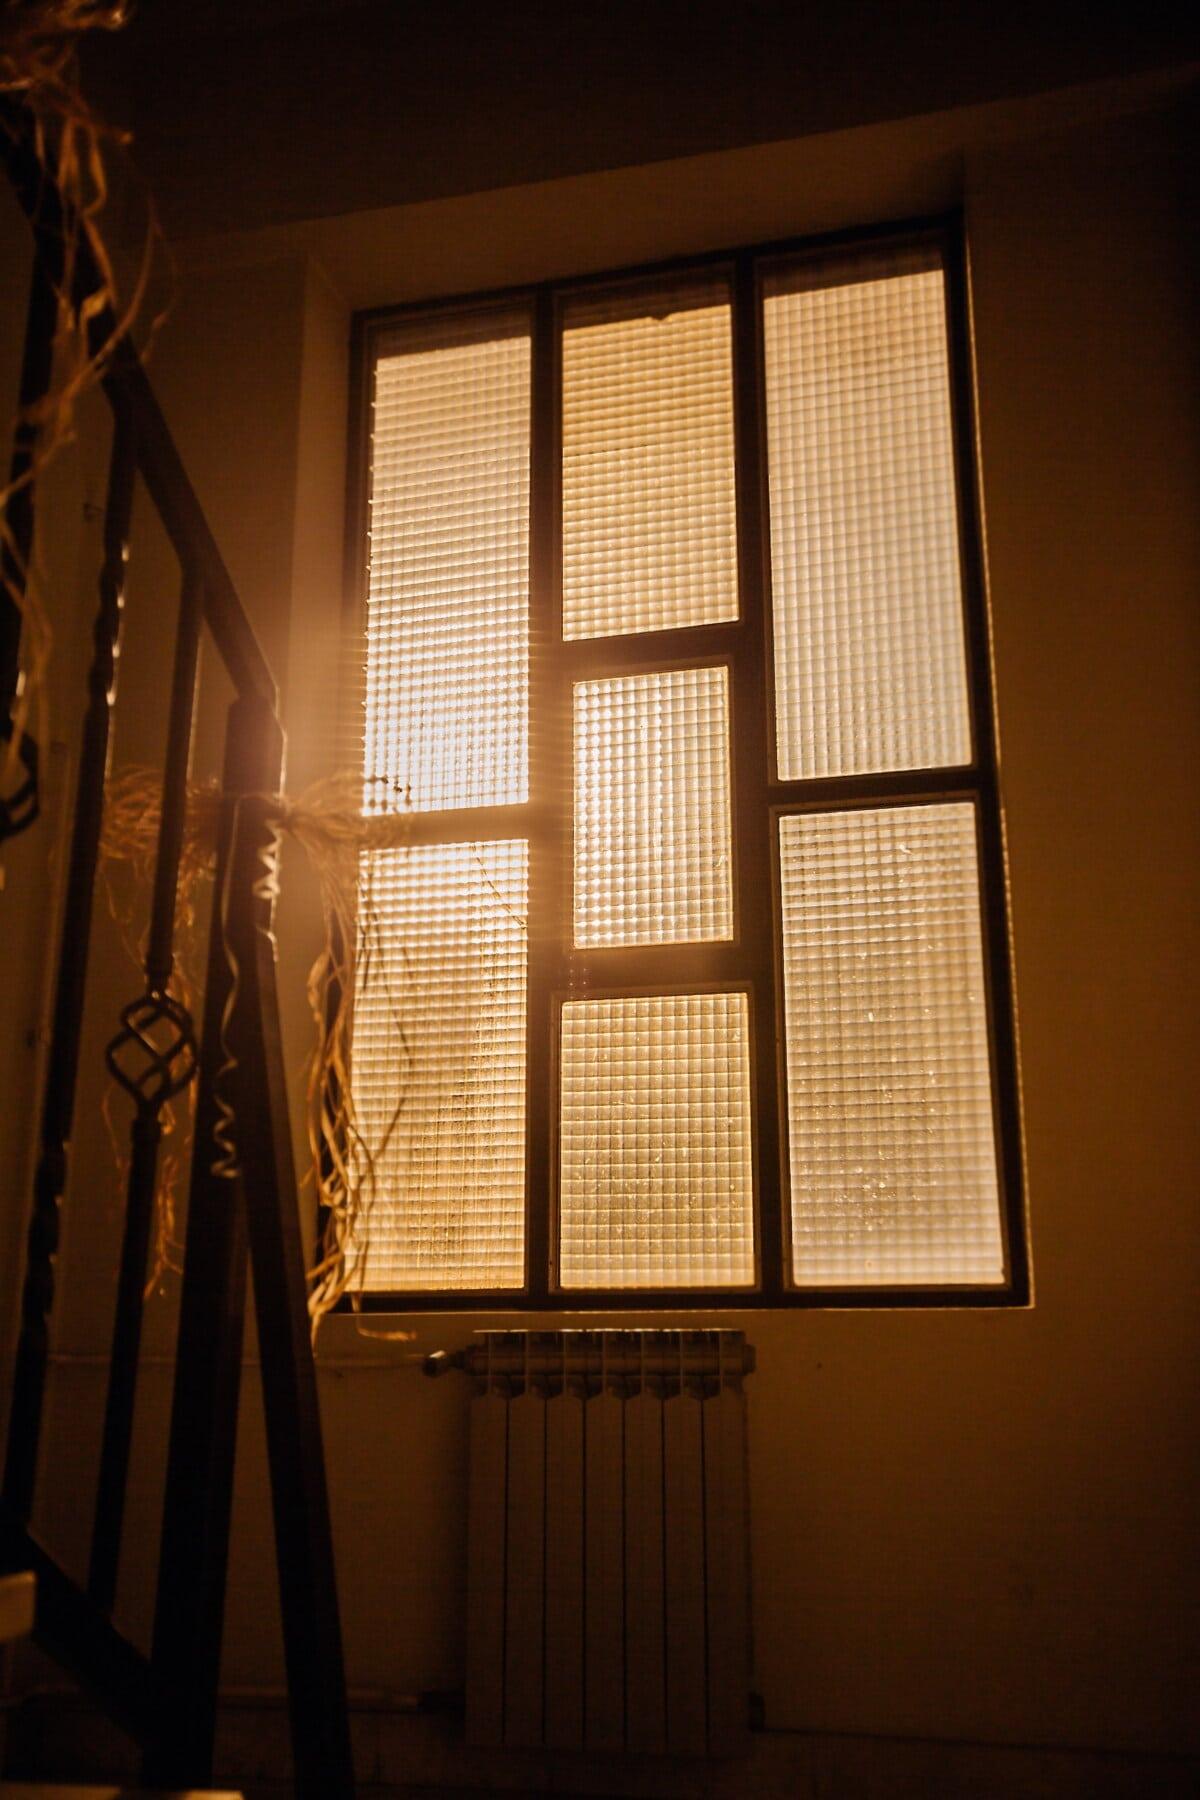 rayons de soleil, fenêtre, lumière, escalier, architecture, ombre, chambre, à l'intérieur, soleil, réflexion